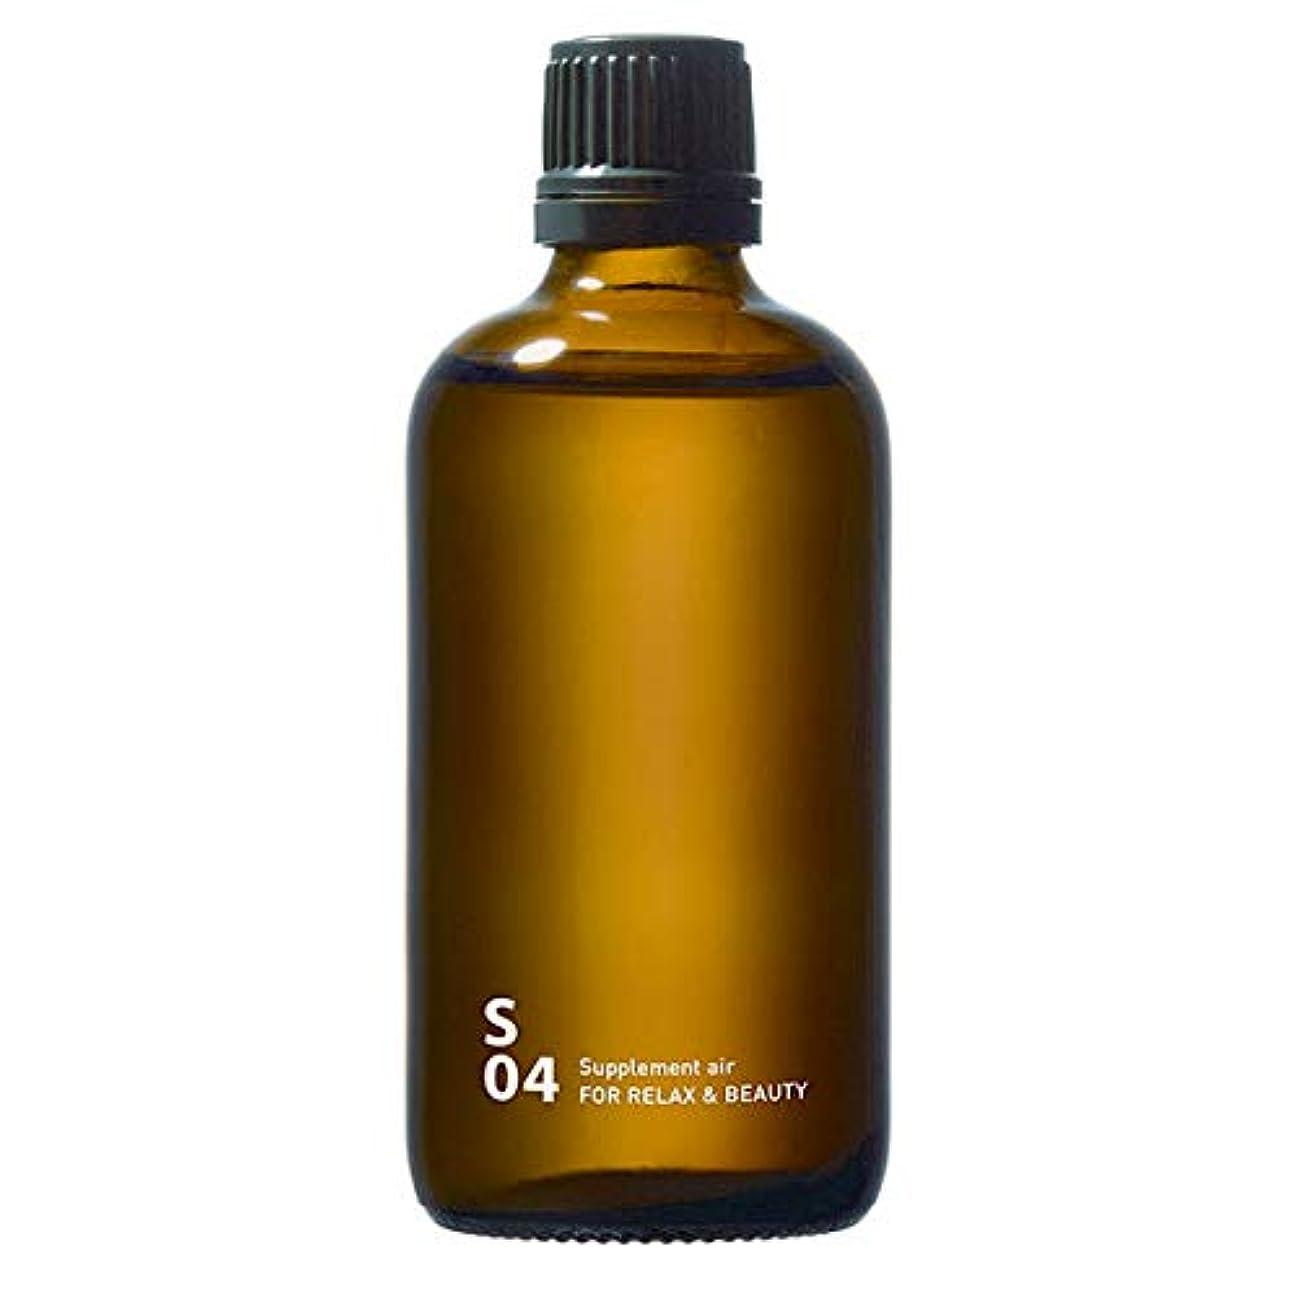 記念情報メガロポリスS04 FOR RELAX & BEAUTY piezo aroma oil 100ml